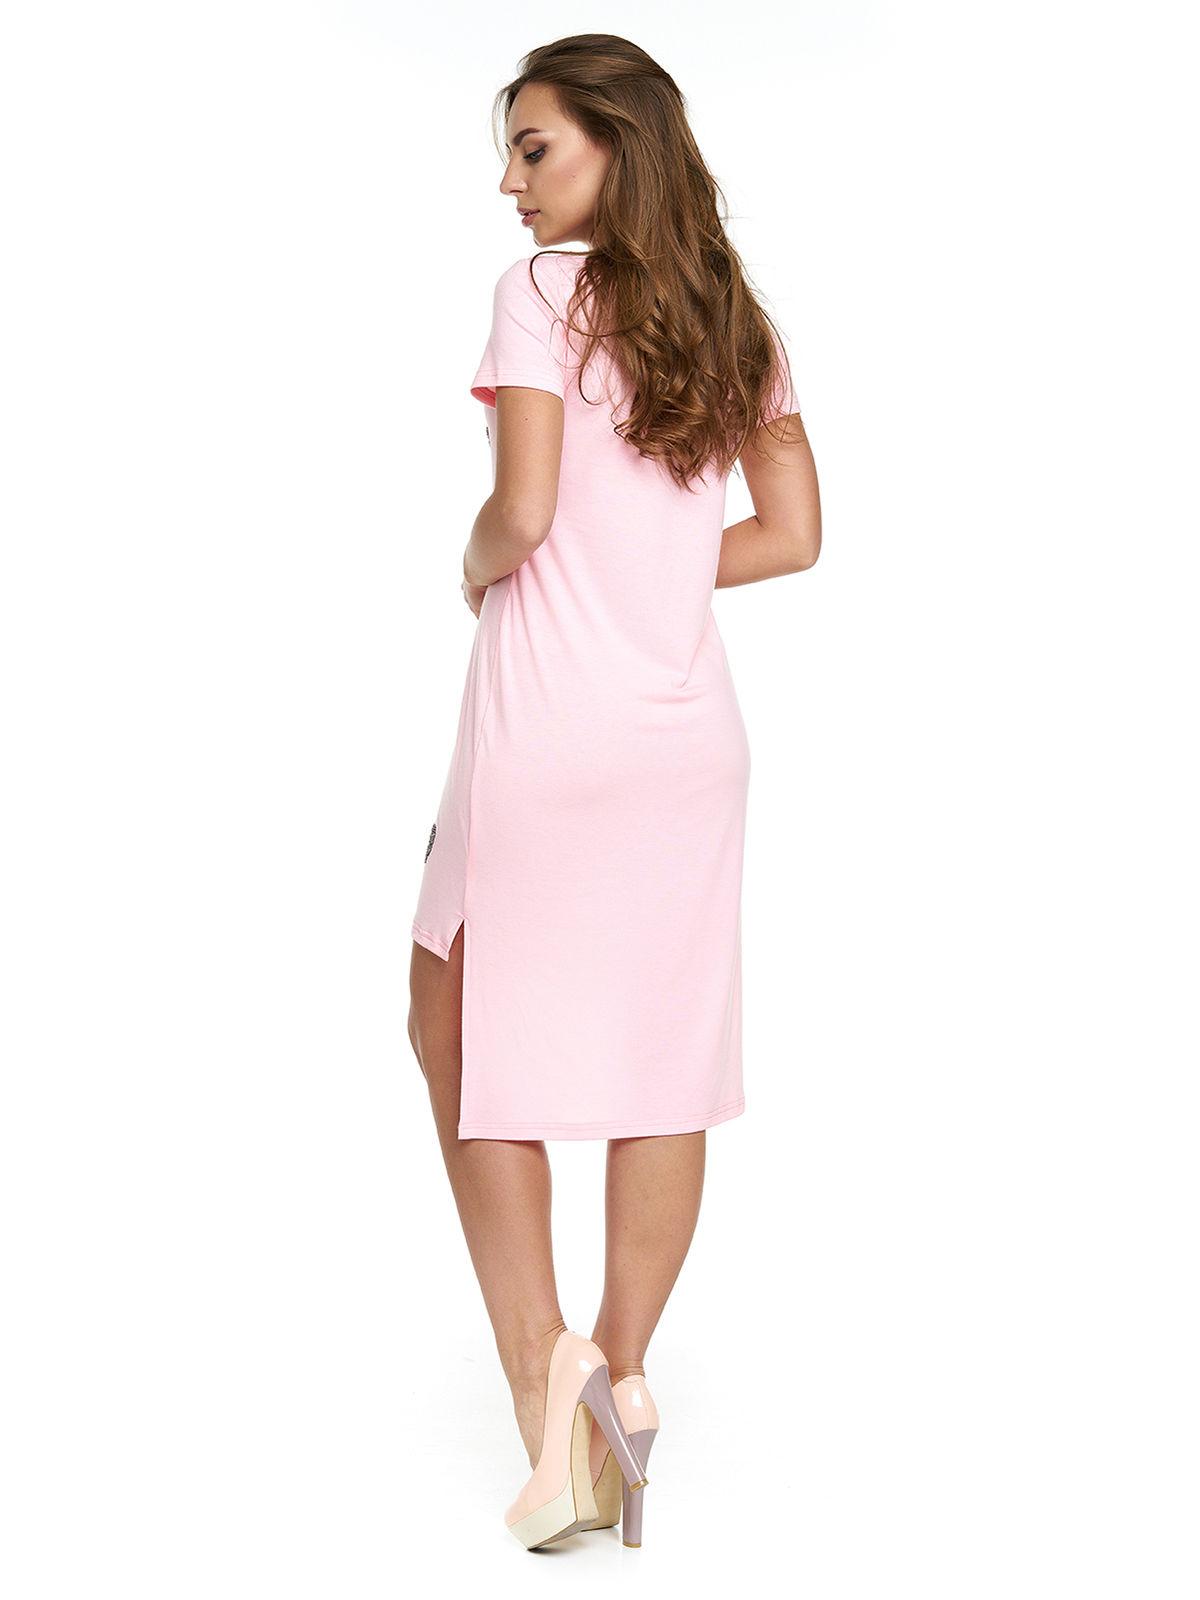 Сукня рожева з написом | 3299639 | фото 2